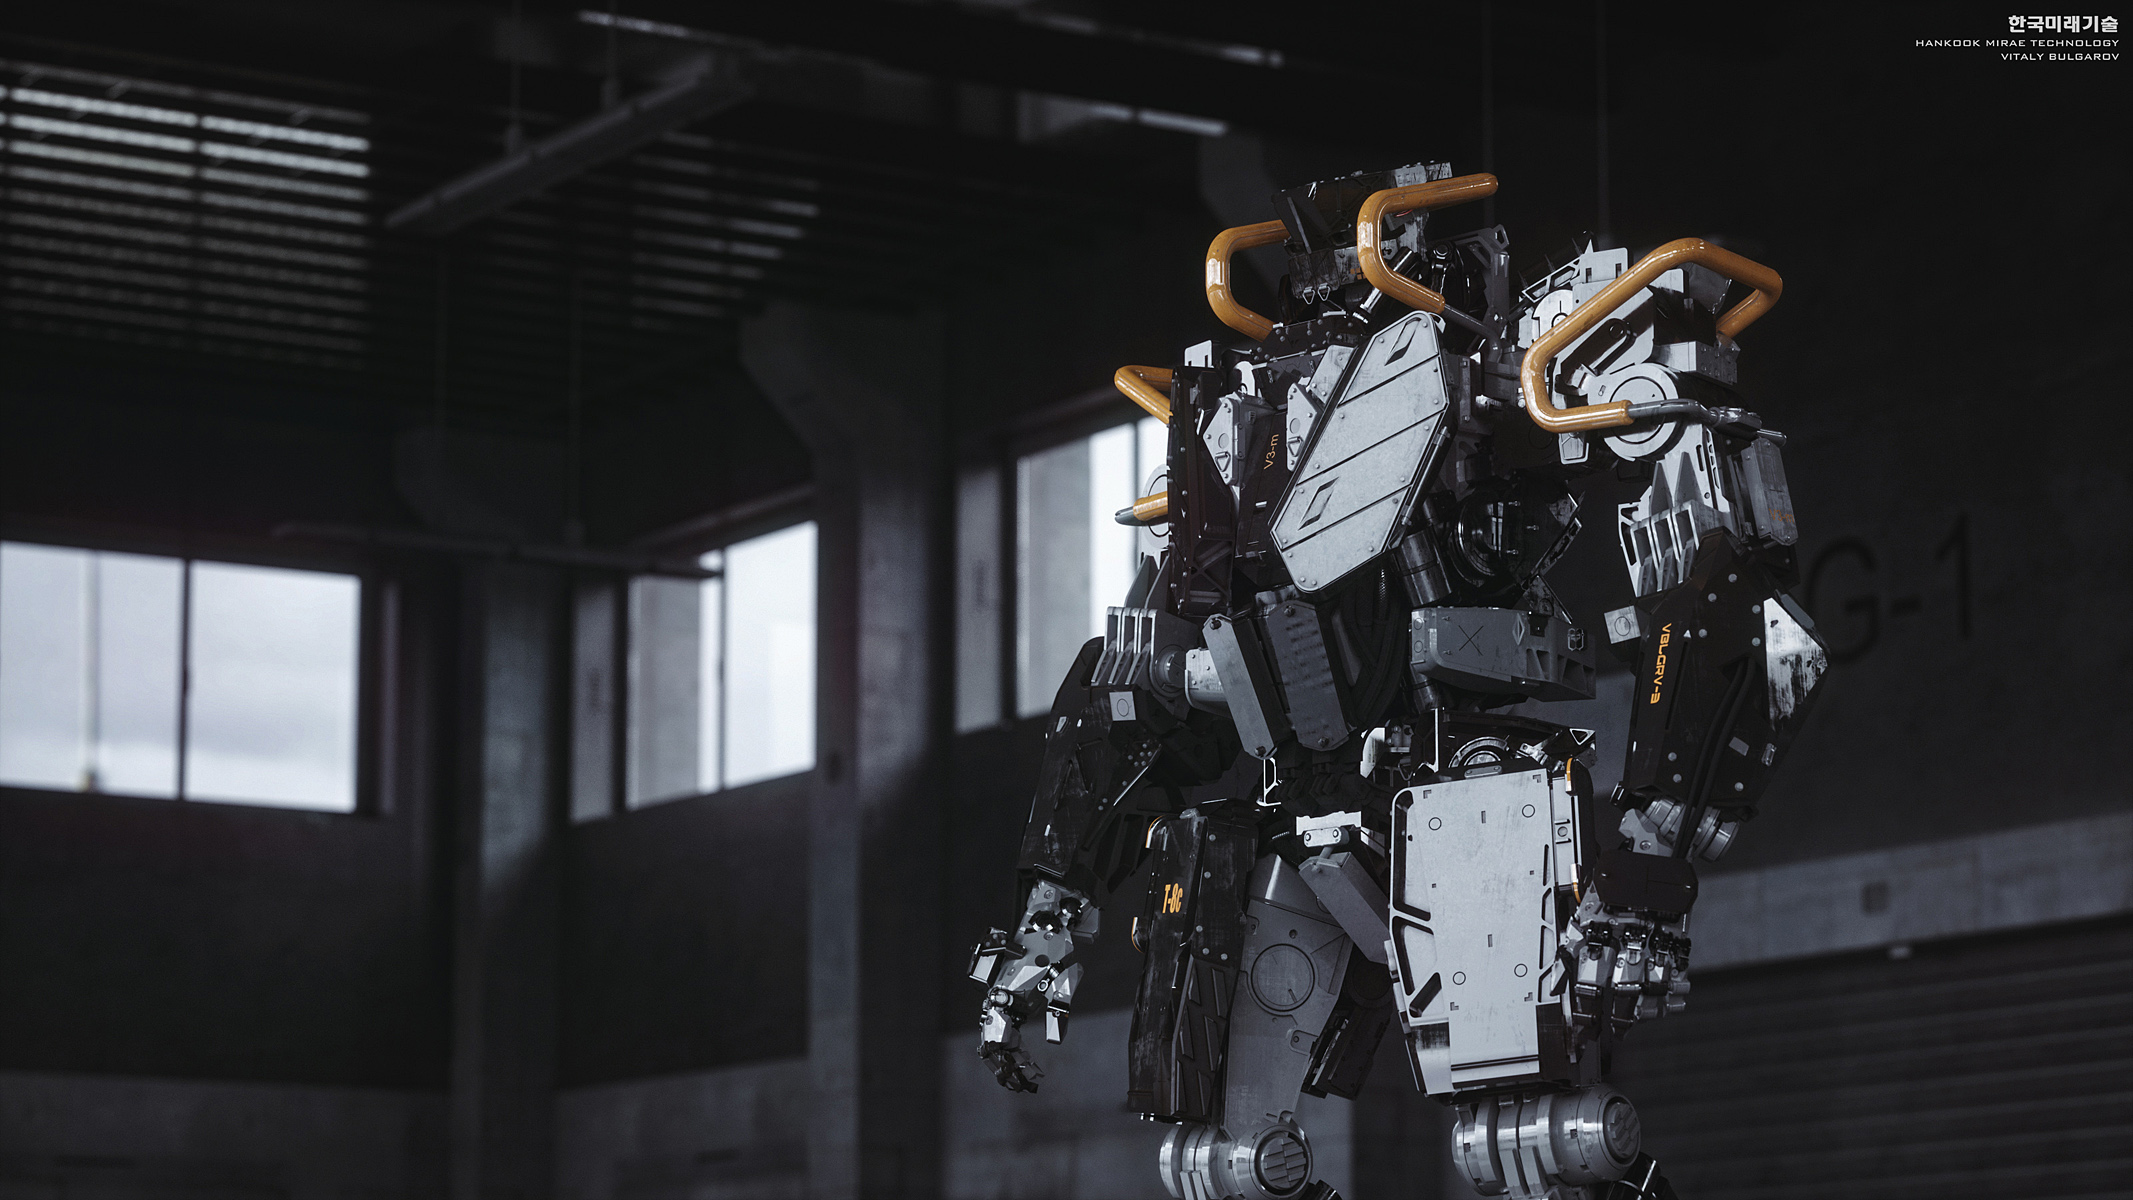 KFT_250cmRobot_V3_06.jpg